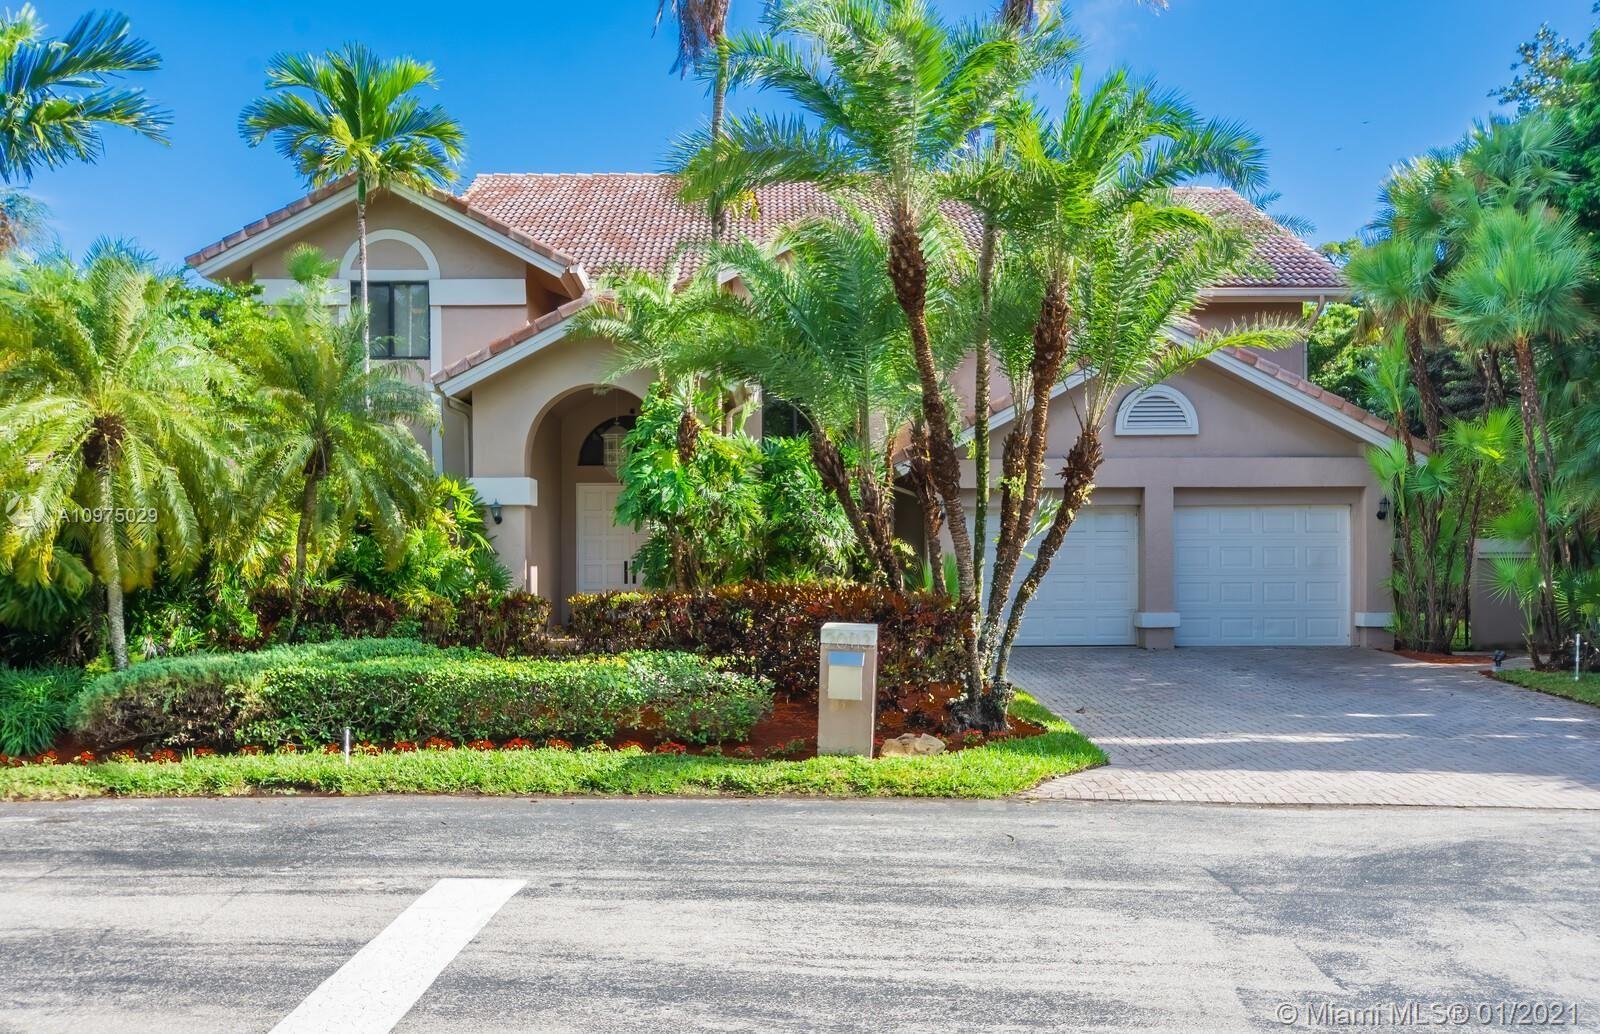 20113 NE 19th Pl, Miami, FL 33179 - #: A10975029